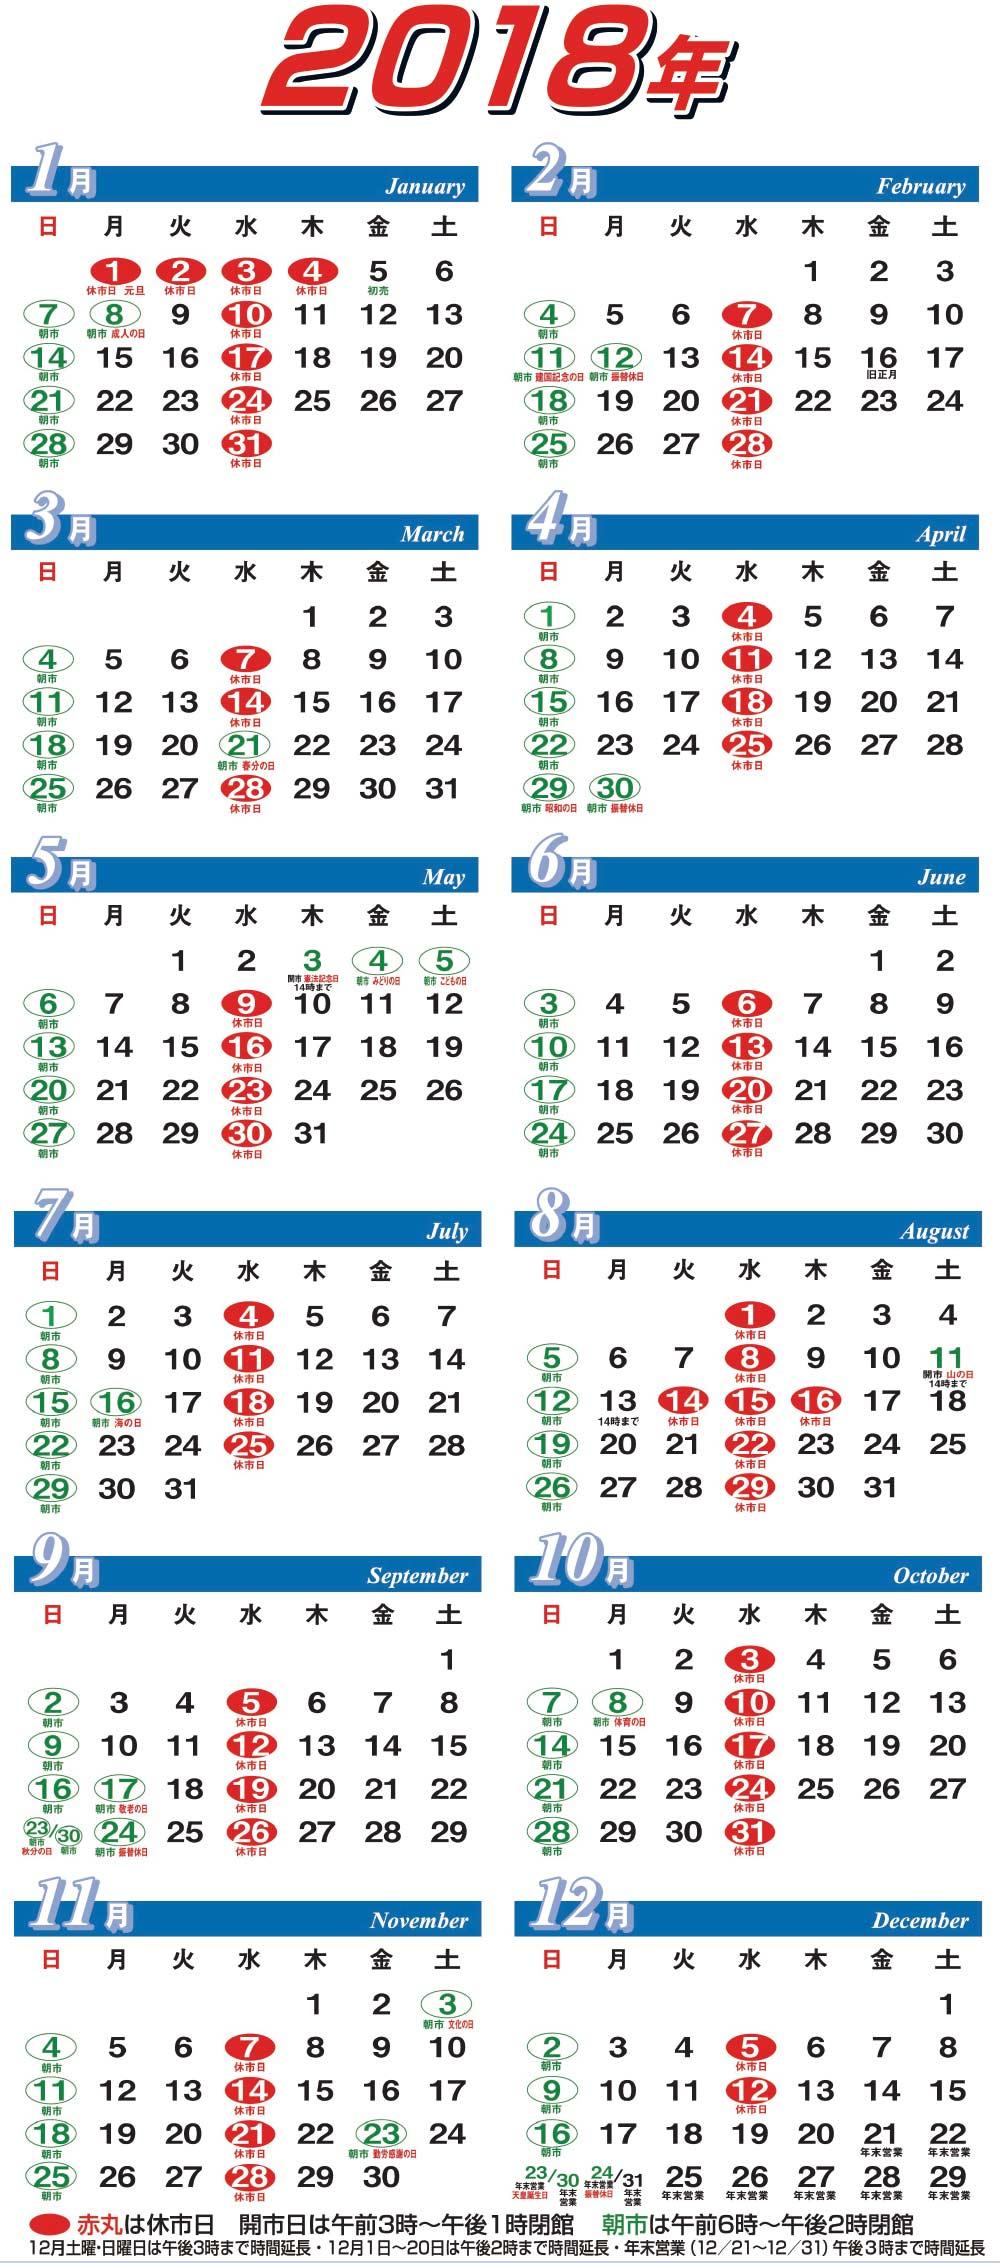 営業カレンダー2018(一般用)